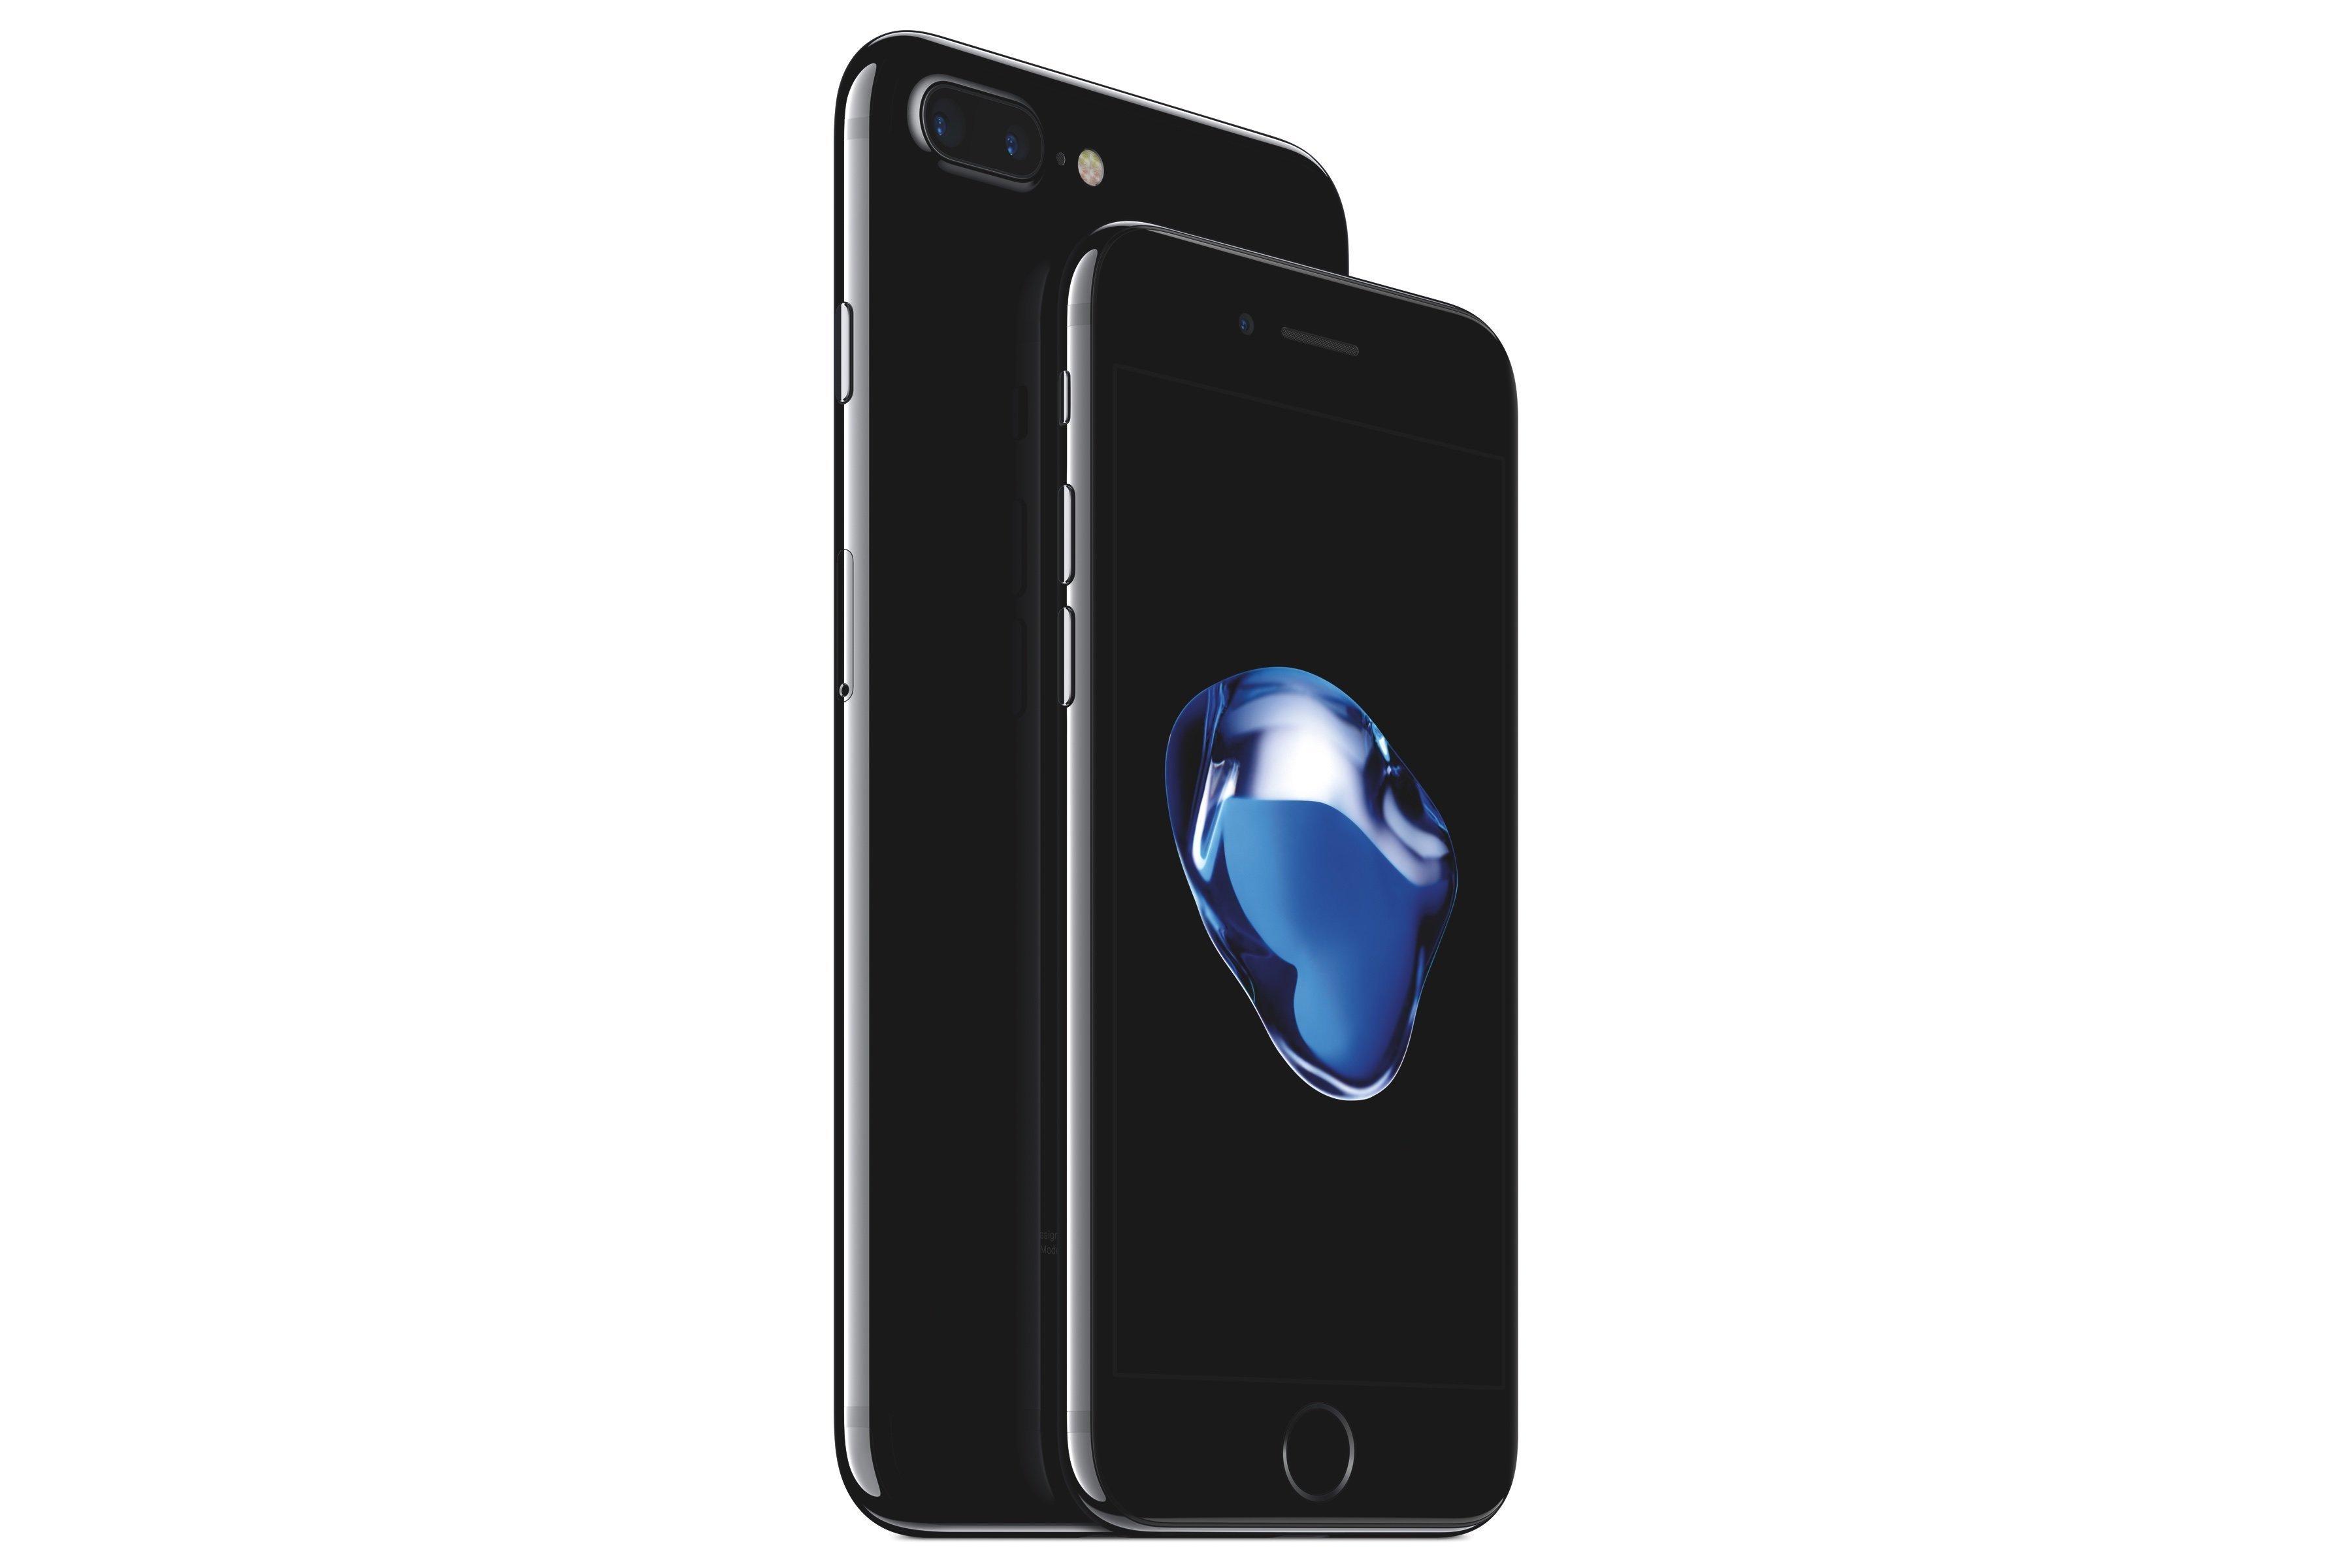 iPhone 7: Bilder aus China zeigen Verpackungsinhalt